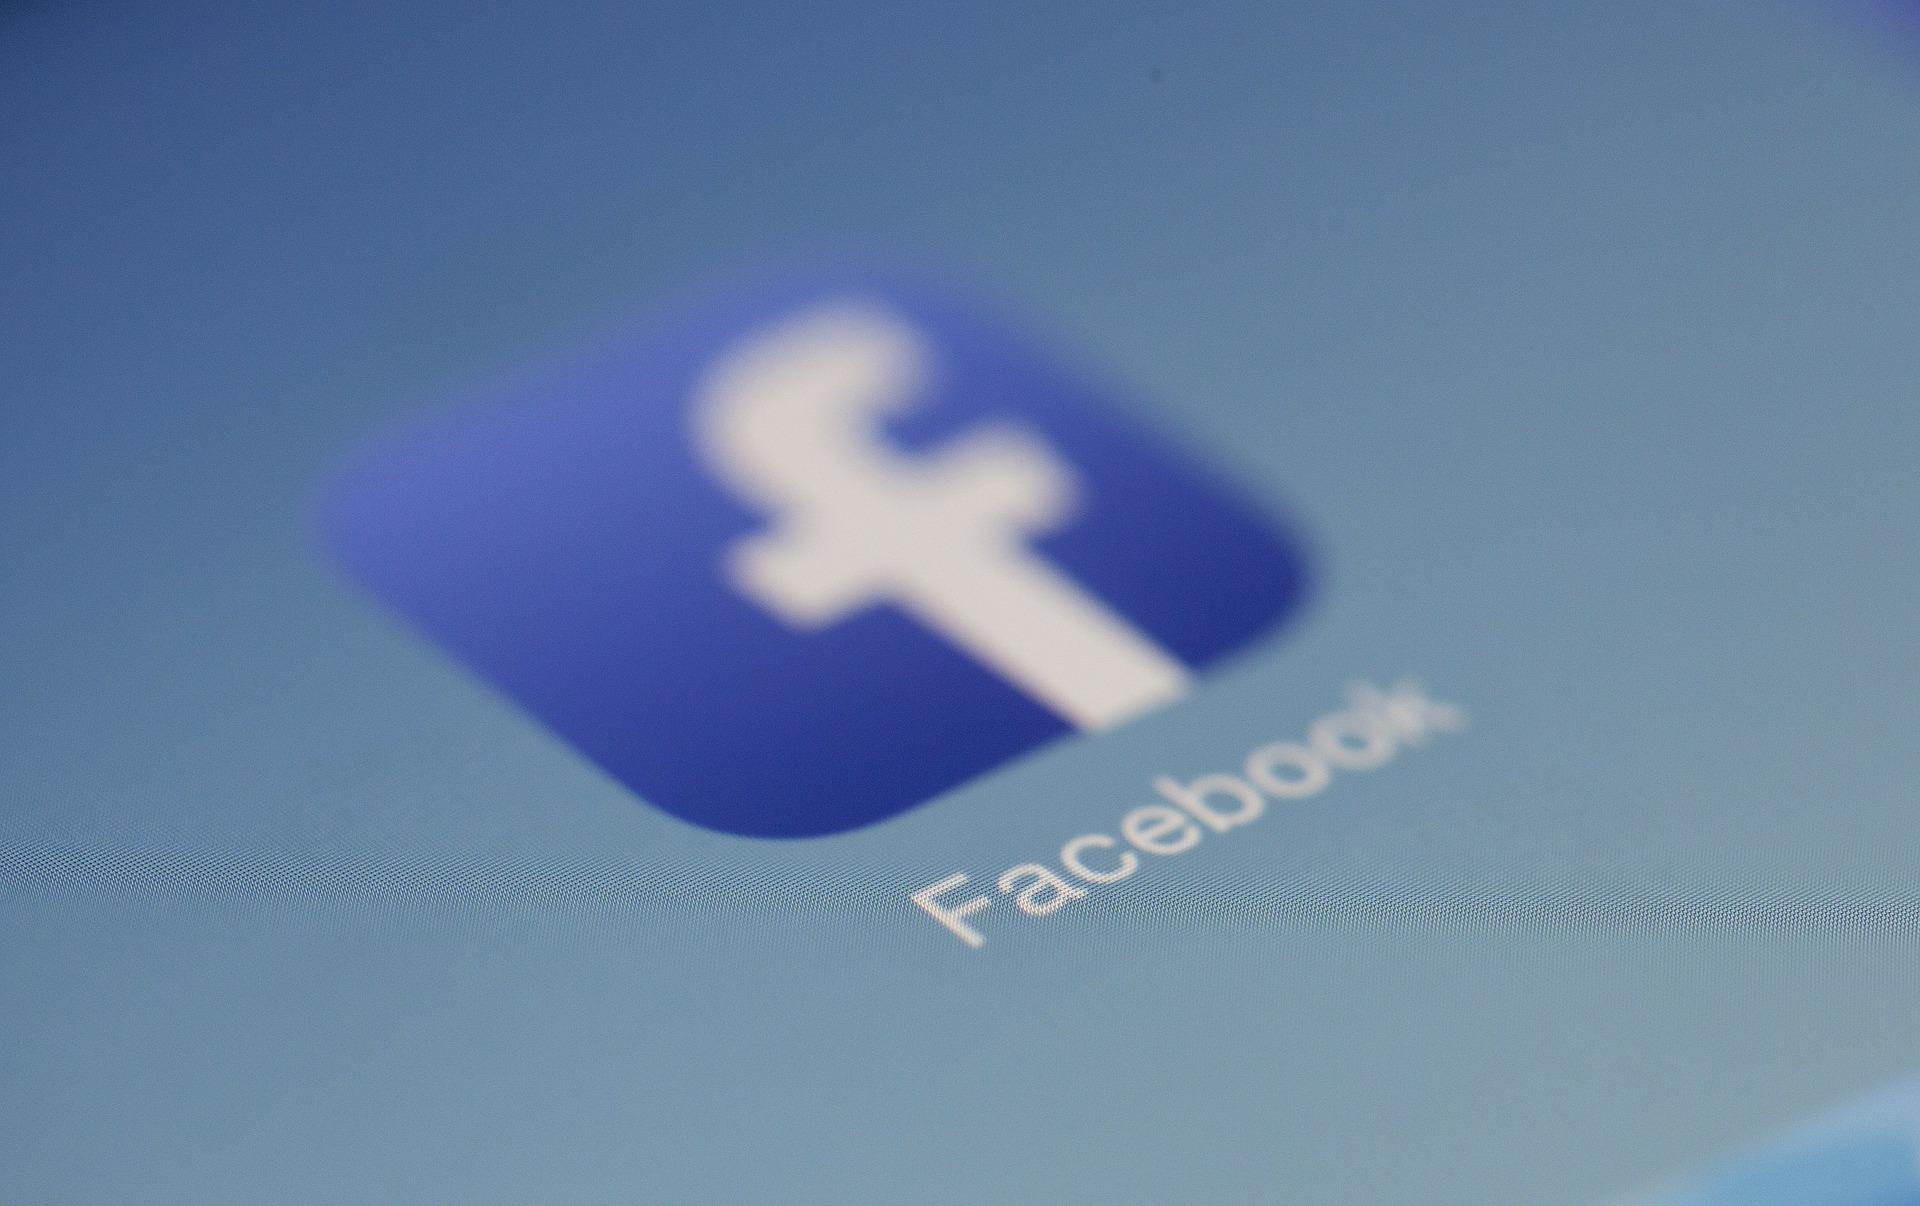 El G7 aún ve el proyecto Libra de Facebook como una amenaza para la estabilidad financiera y rechazará su lanzamiento hasta que cumpla con las regulaciones adecuadas